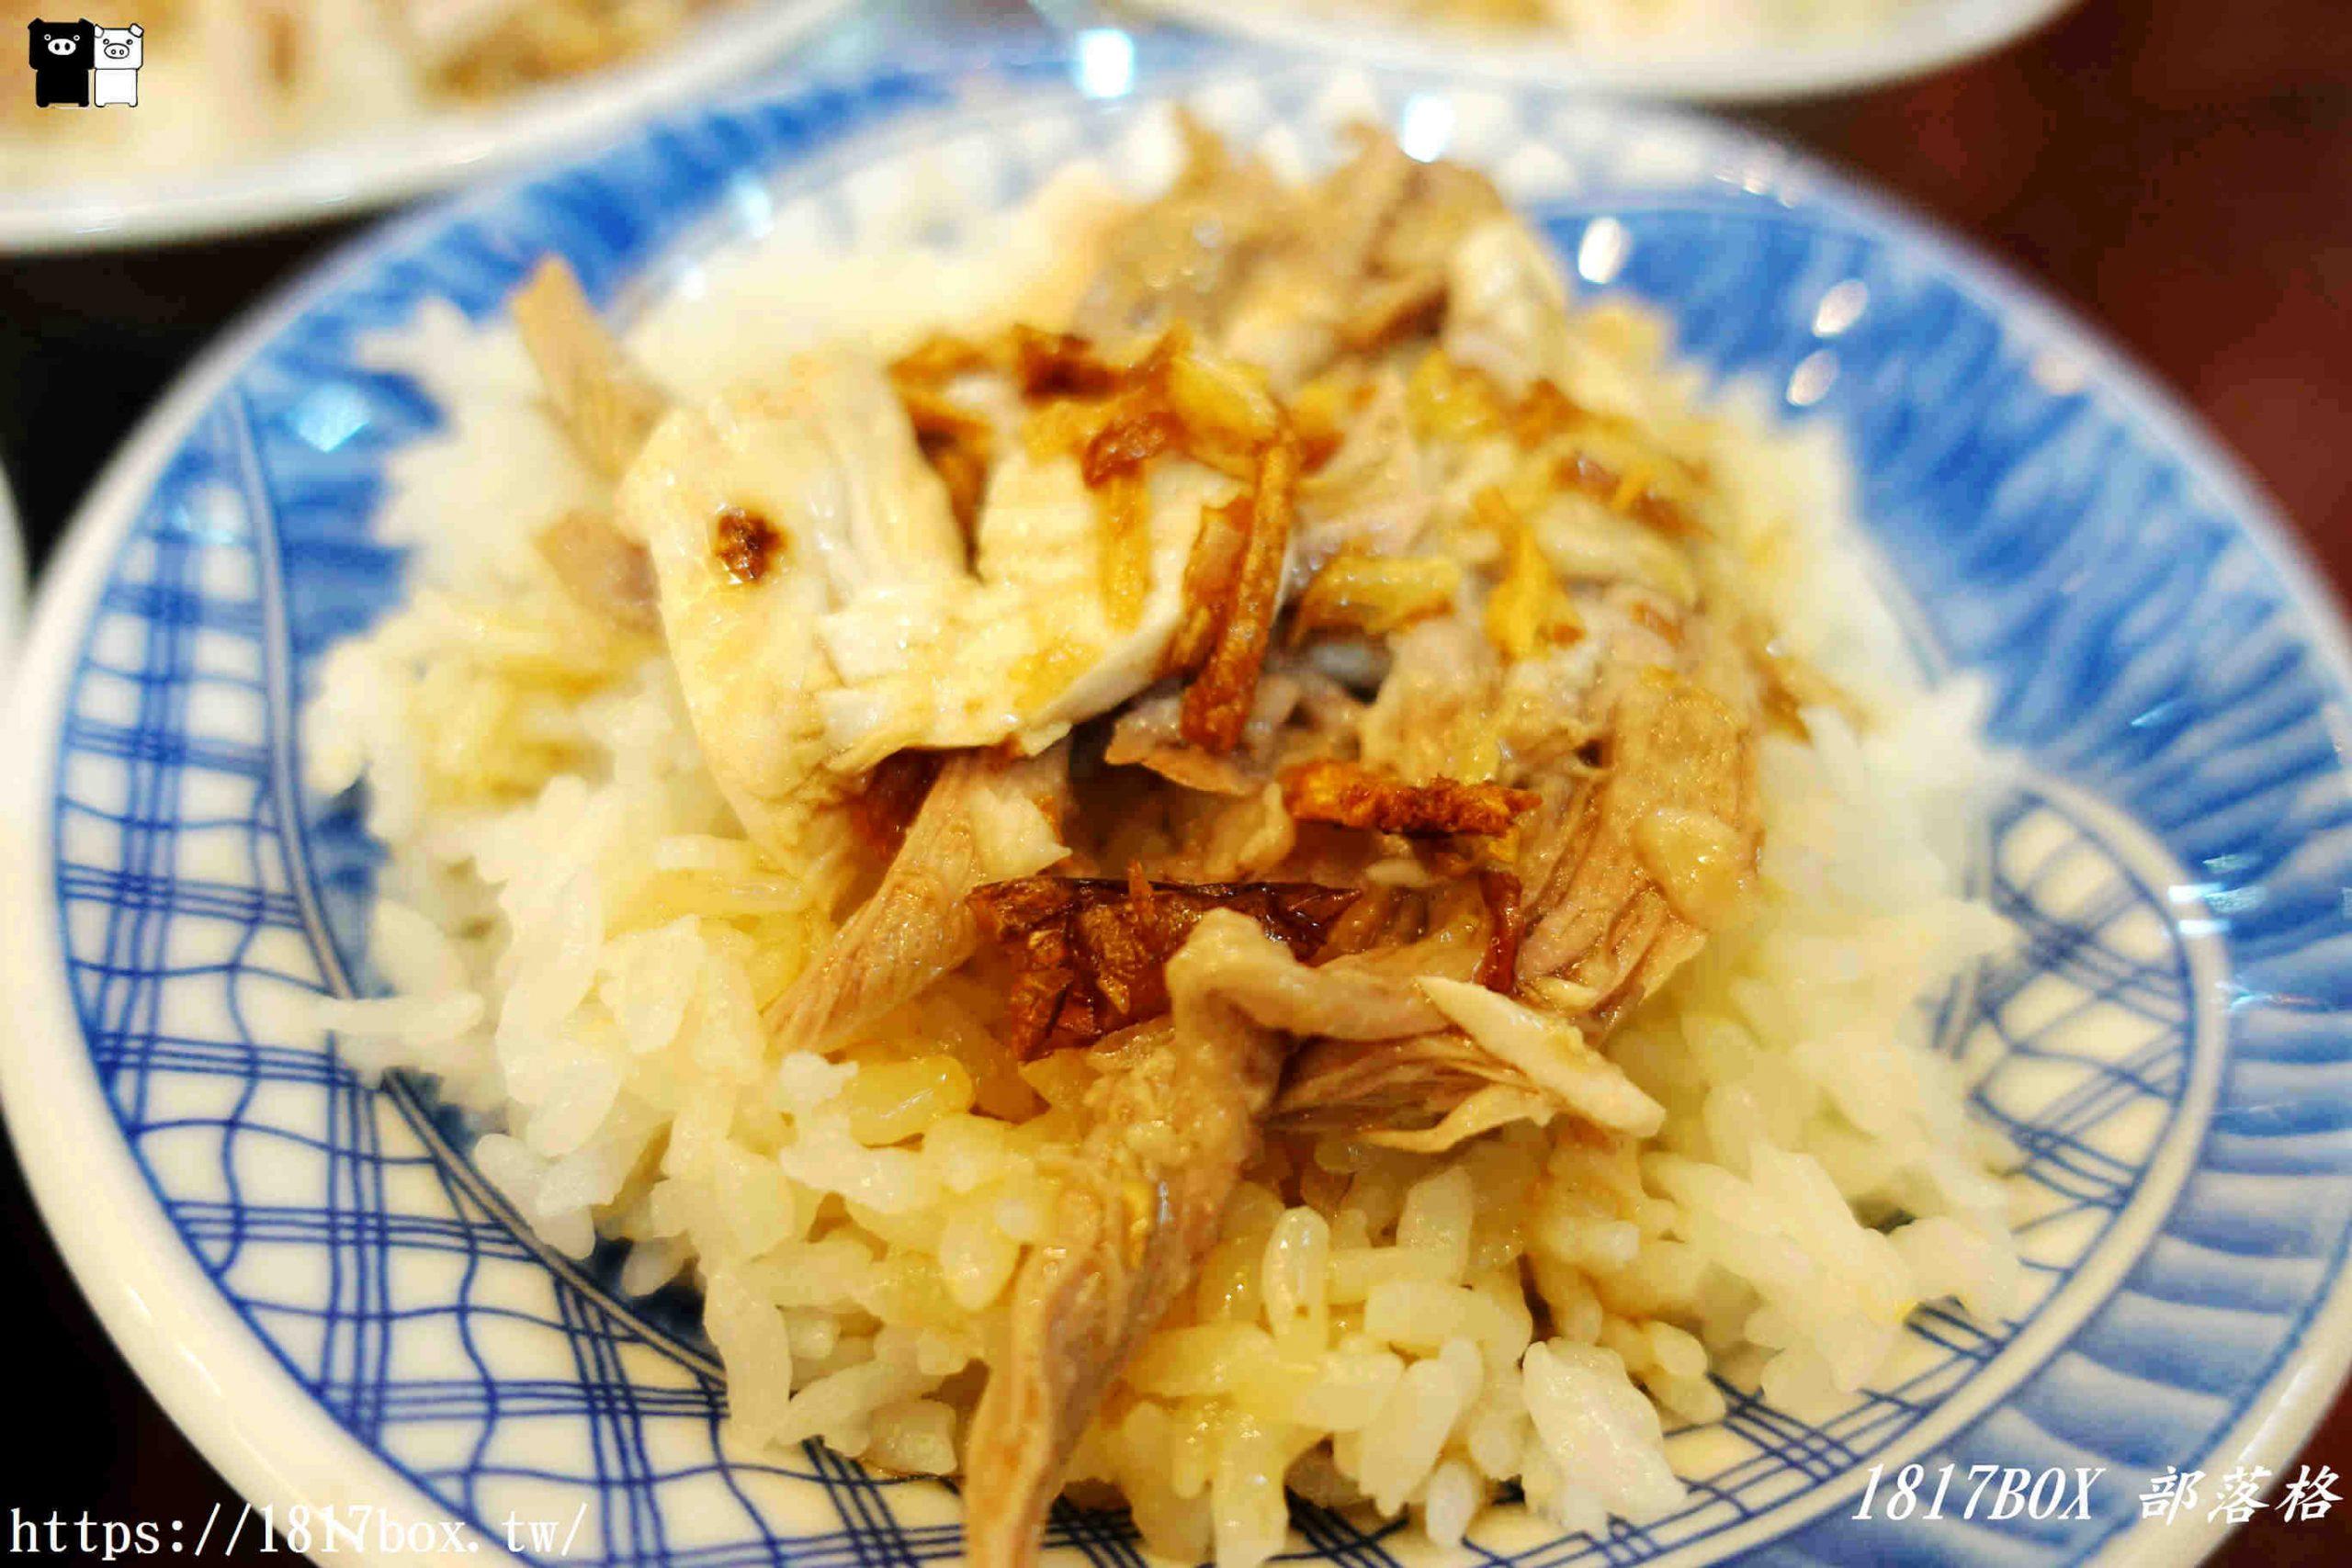 【嘉義。東區】在地人推薦。大同火雞肉飯 @1817BOX部落格